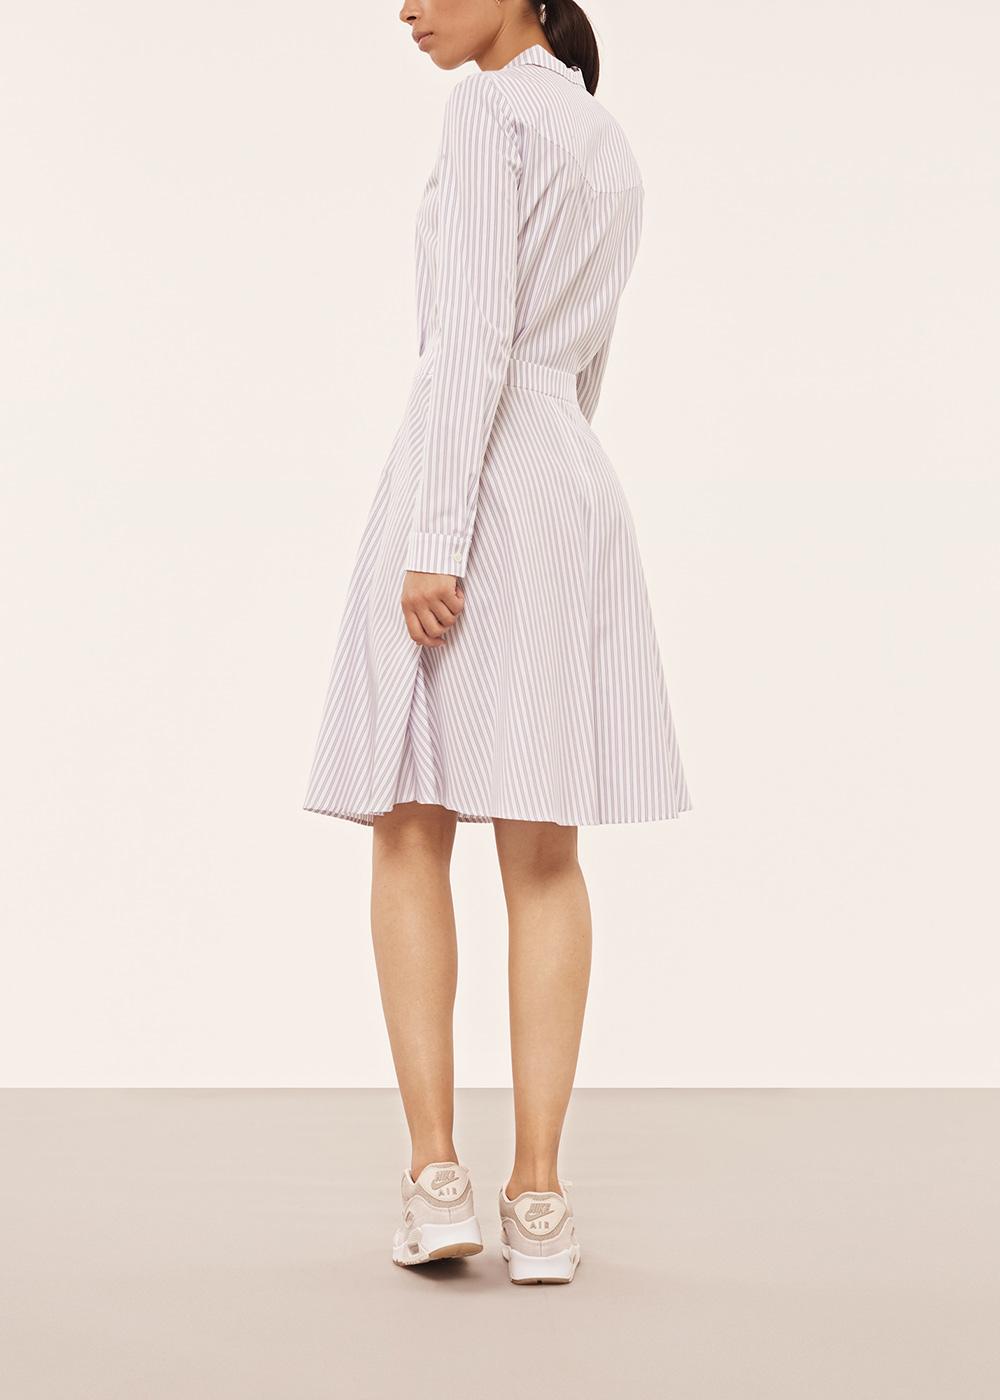 Light Blue Striped A-Line Shirt Dress - Alexander Lewis